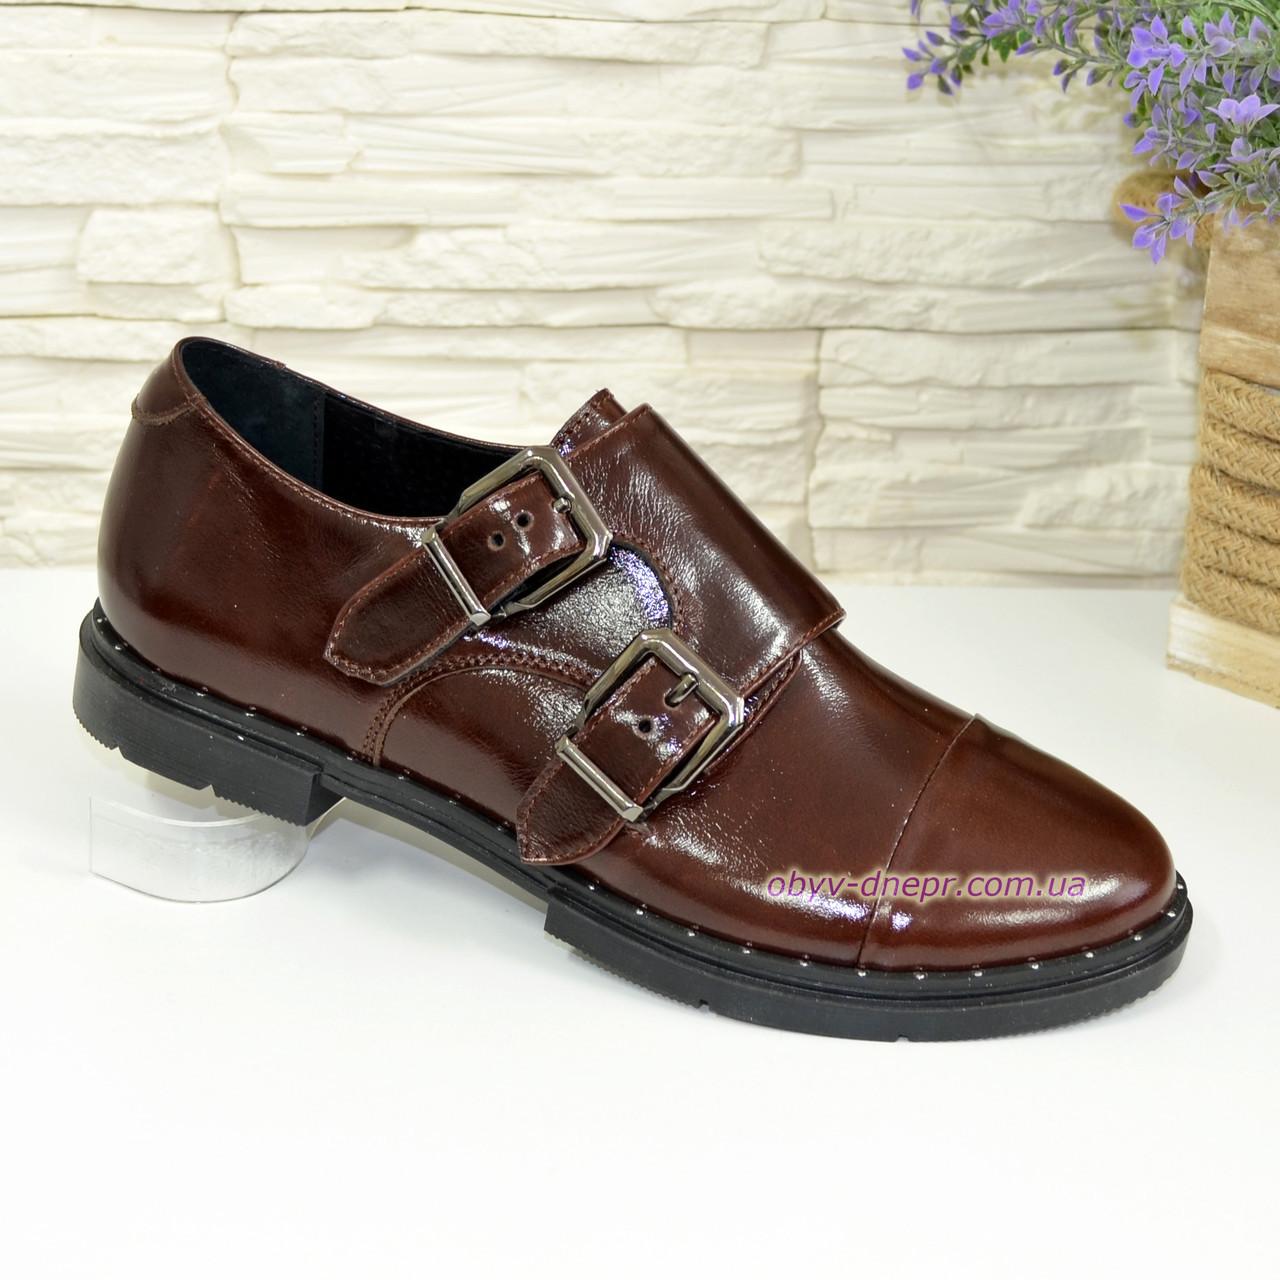 Женские коричневые туфли, натуральная кожа, фото 1